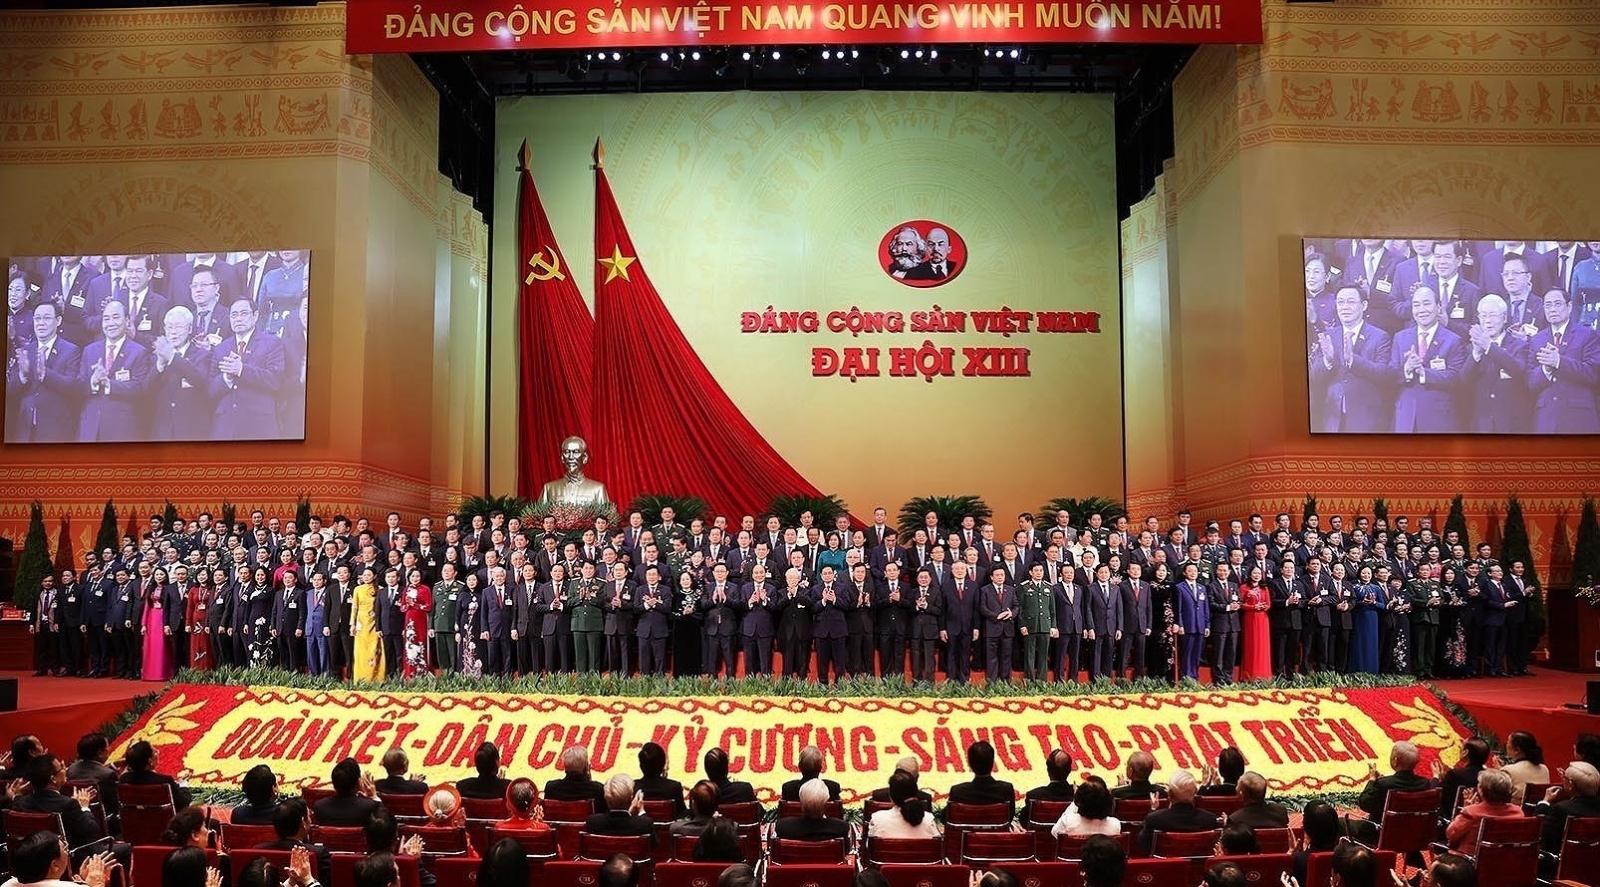 100% đại biểu đồng ý thông qua Nghị quyết Đại hội lần thứ XIII của Đảng.